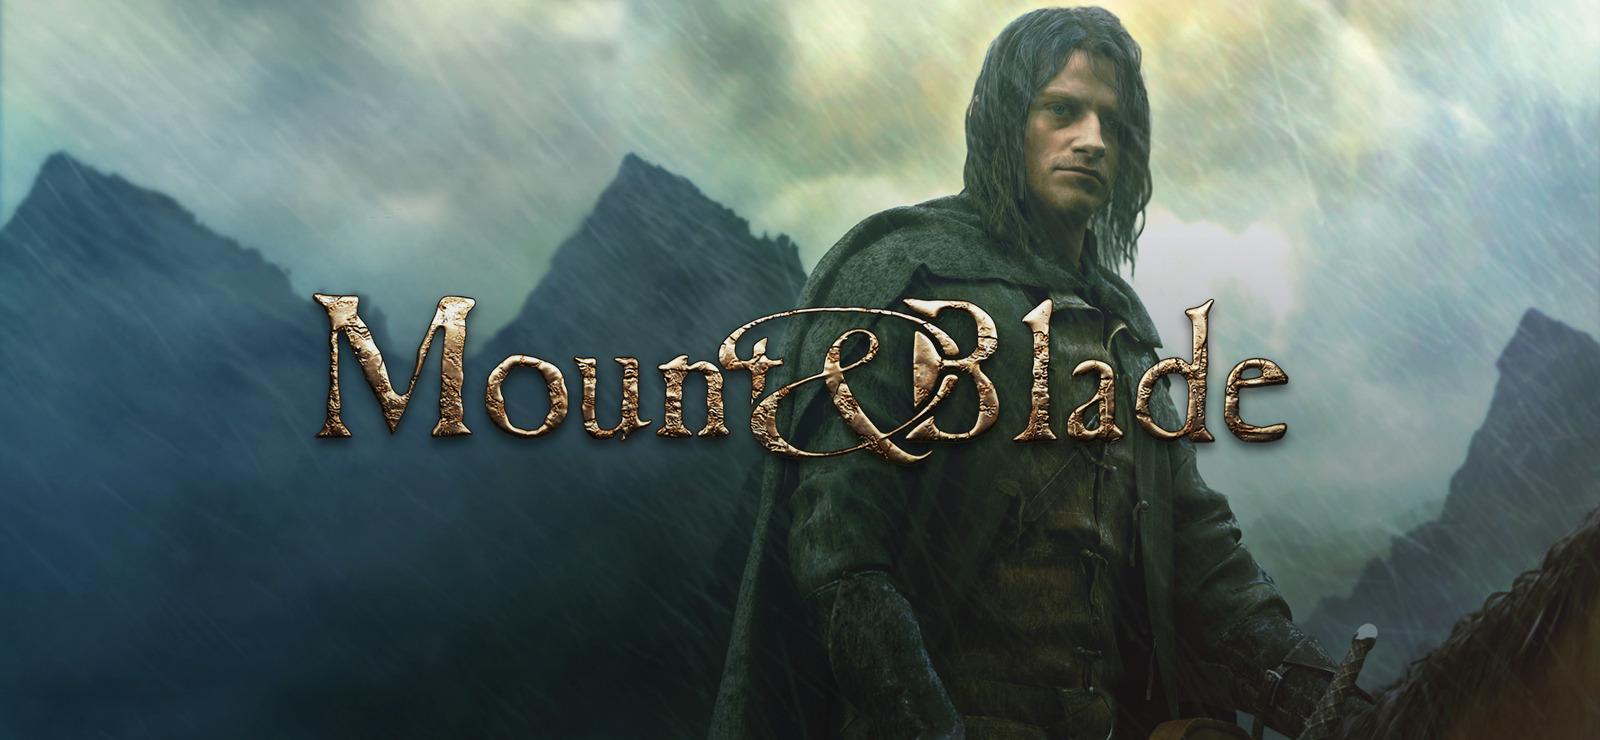 [GOG.com PCDD] Mount and Blade *Free